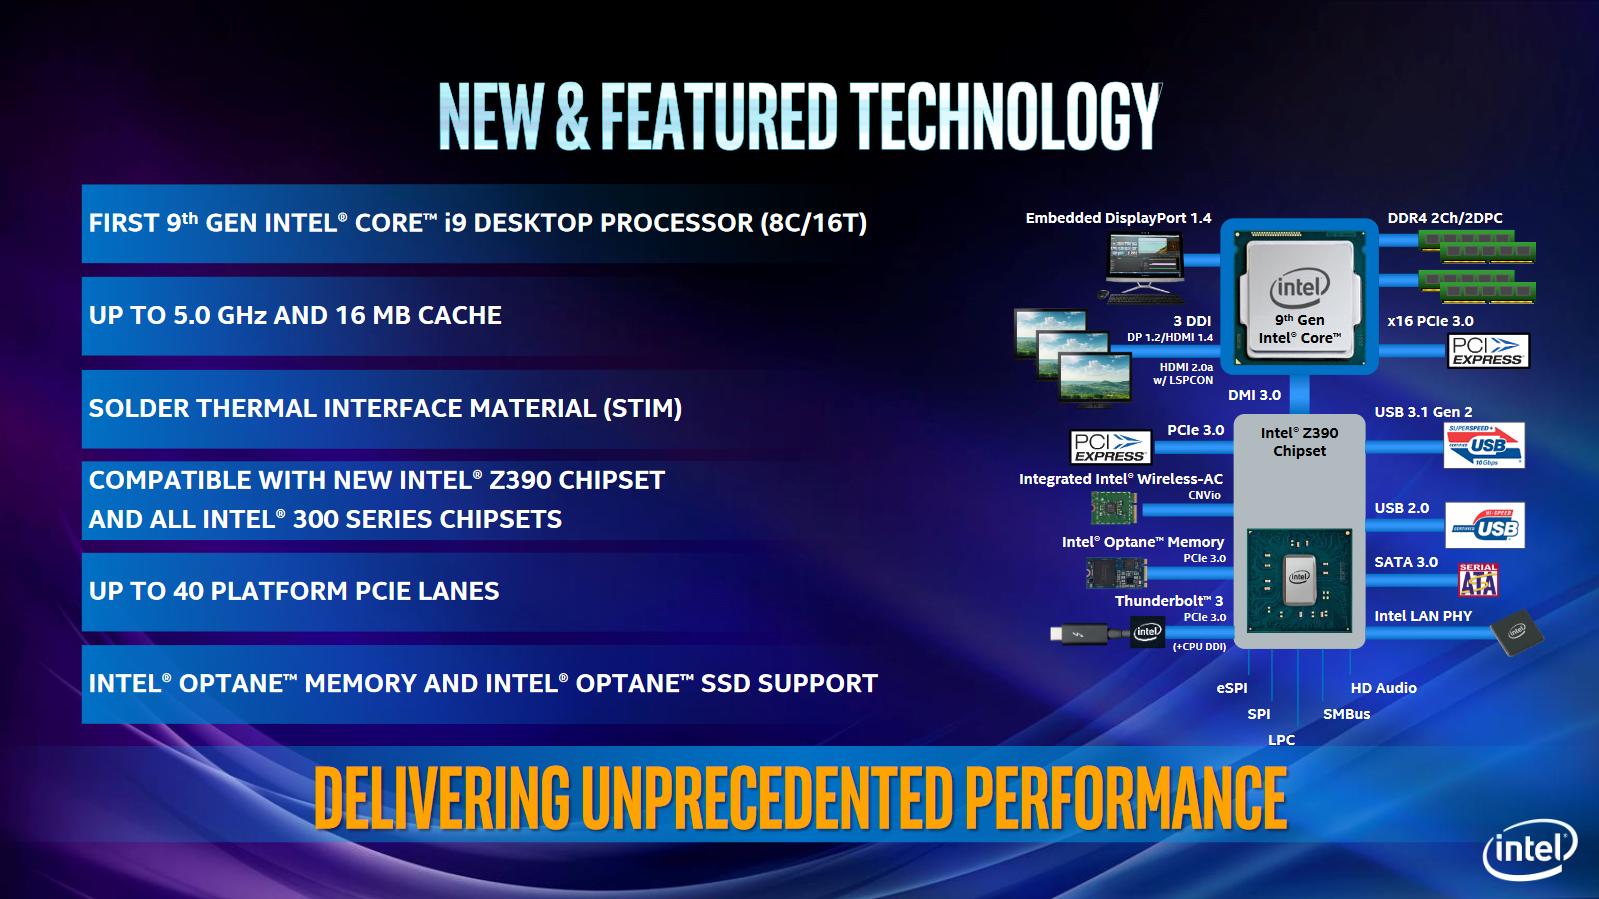 Core i9-9900K im Test: Acht verlötete 5-GHz-Kerne sind extrem - Er wird in 14 nm gefertigt und hat mehr USB 3.1 Gen2 als der B360-Chip. (Bild: Intel)